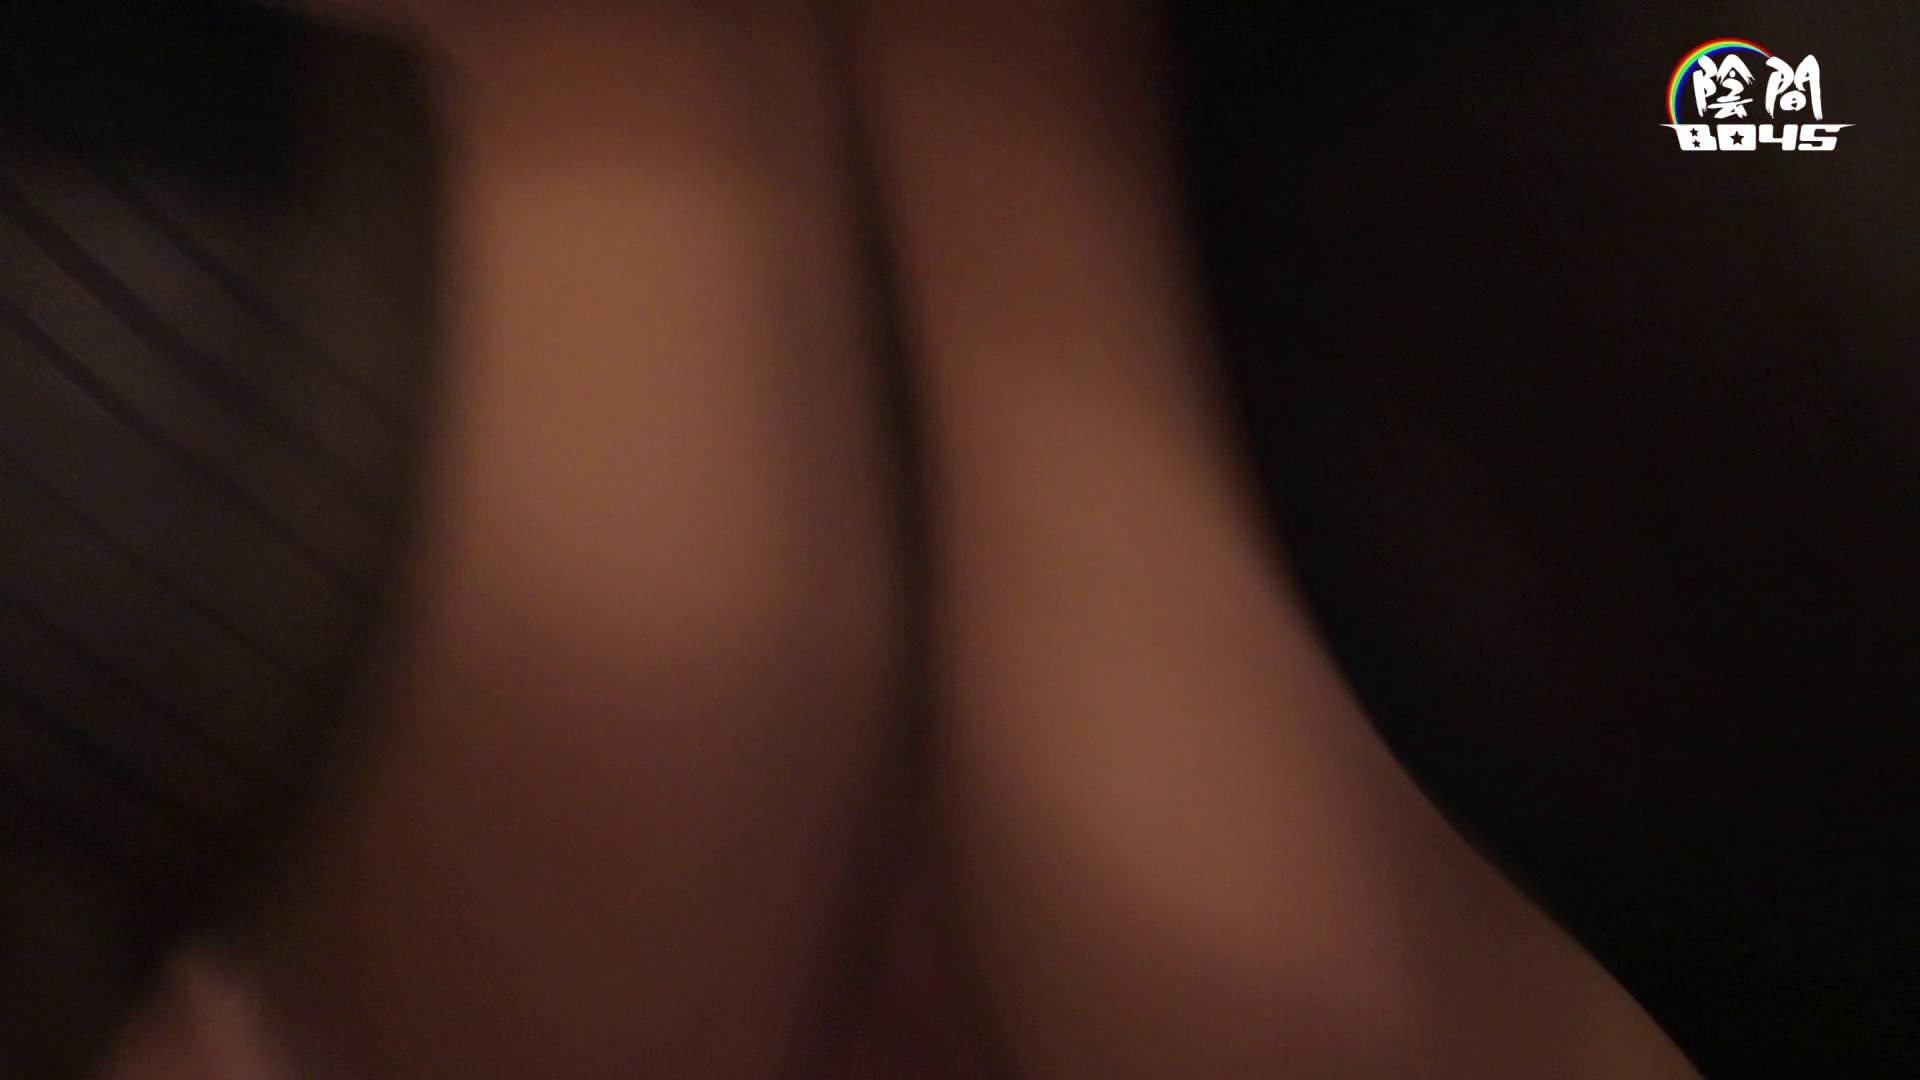 ゲイエロ動画|「君のアナルは」part2 ~ノンケの素顔~ Vol.09|肉